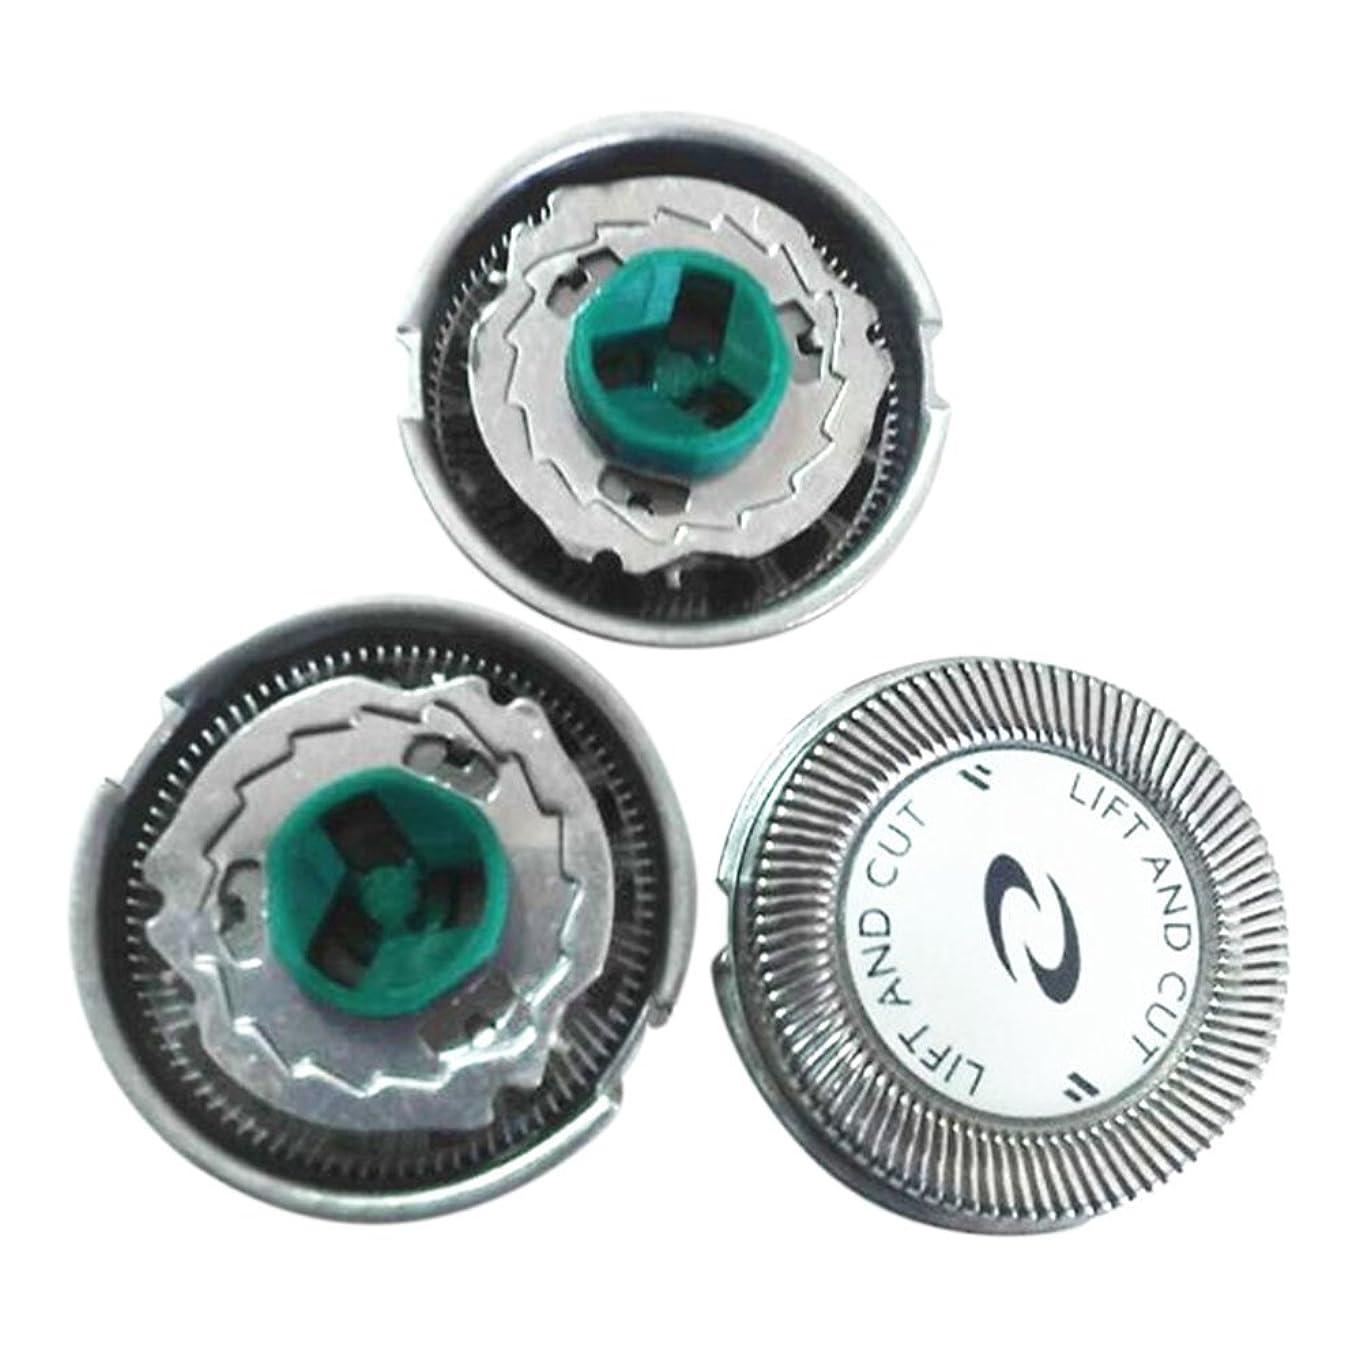 リス健康的レンジHZjundasi 3x Replacement シェーバーヘッドフォイル+Cutters for Philip HQ6070 7310XL PT726/720